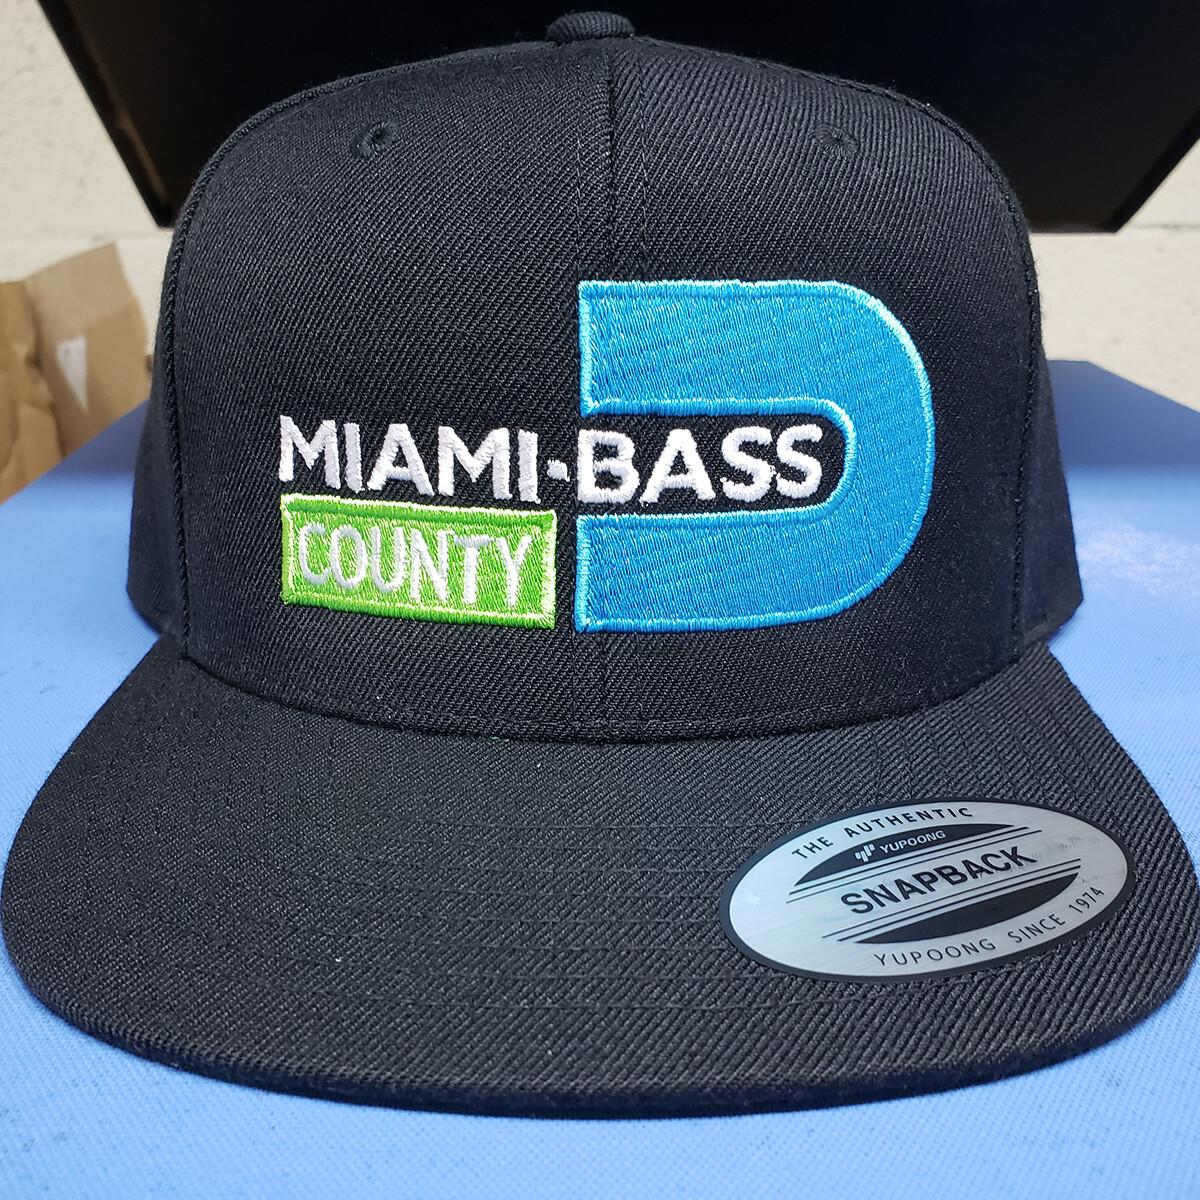 Miami Bass County Snapback